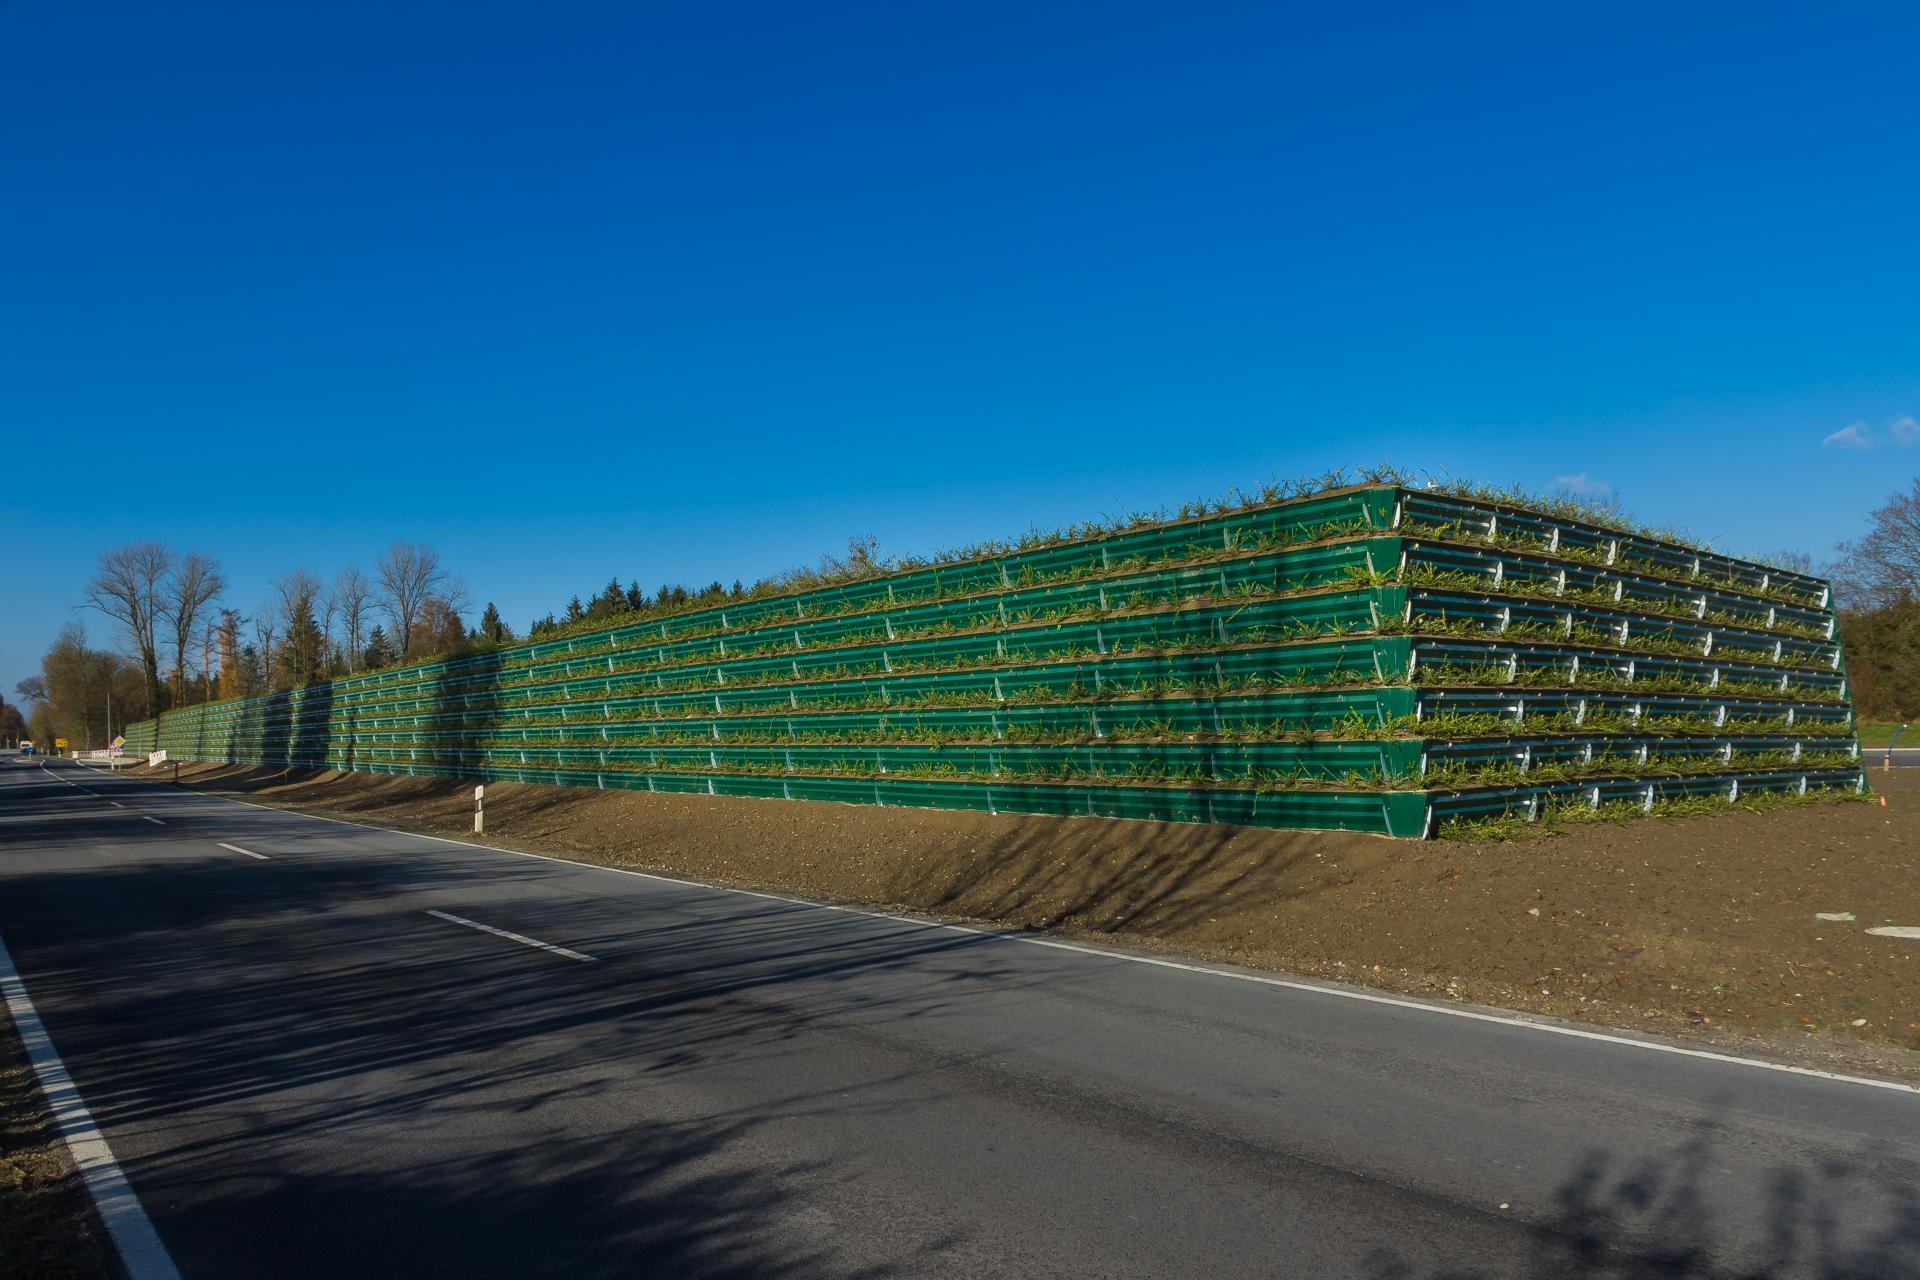 naturawall Lärmschutzwand an einer viel befahrenen Straße in Mühldorf Kommunal Öffentlich